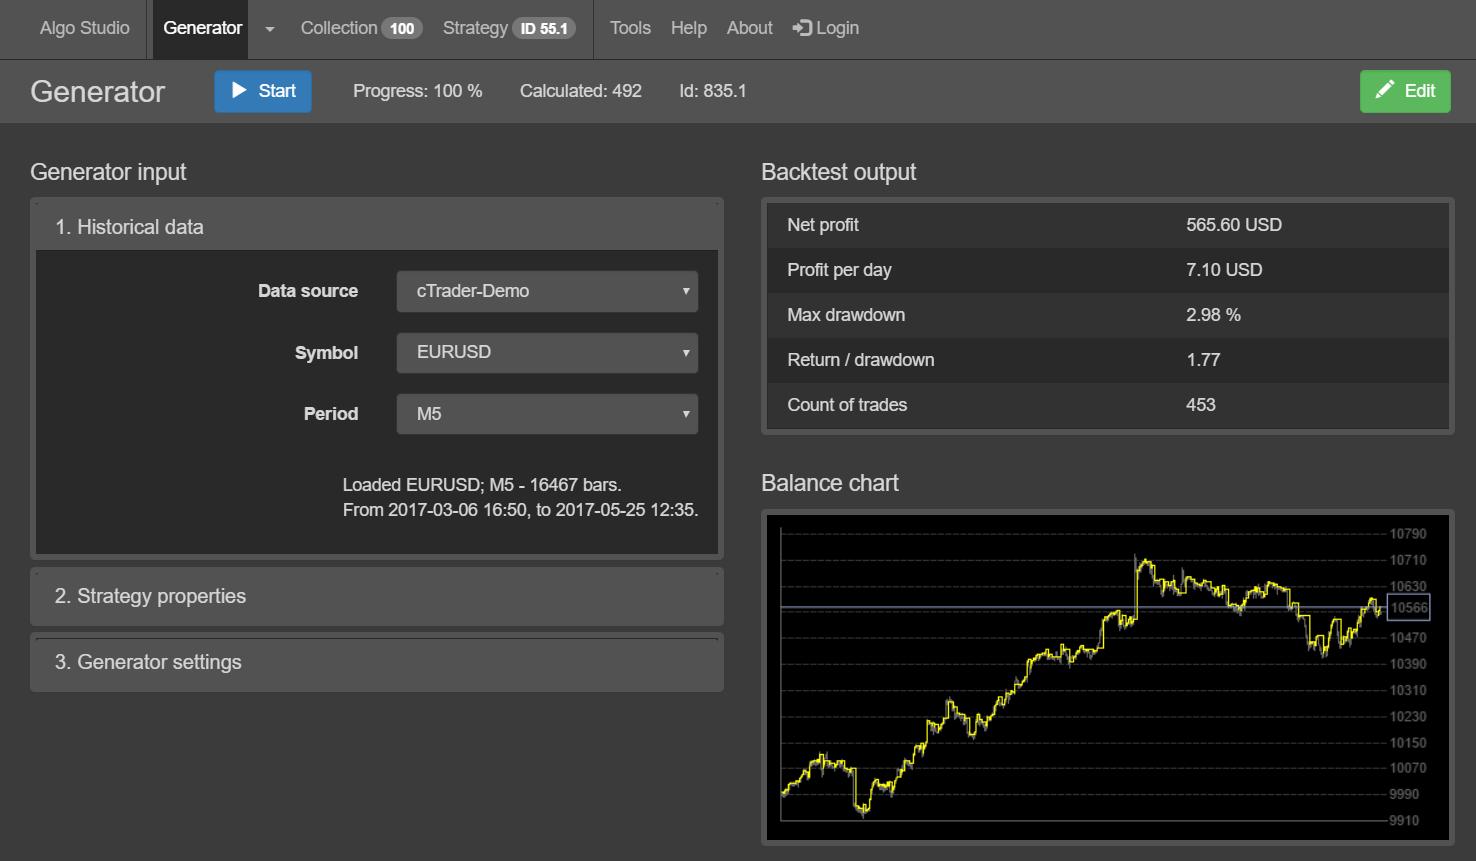 Algo Studio - Generator Screenshot